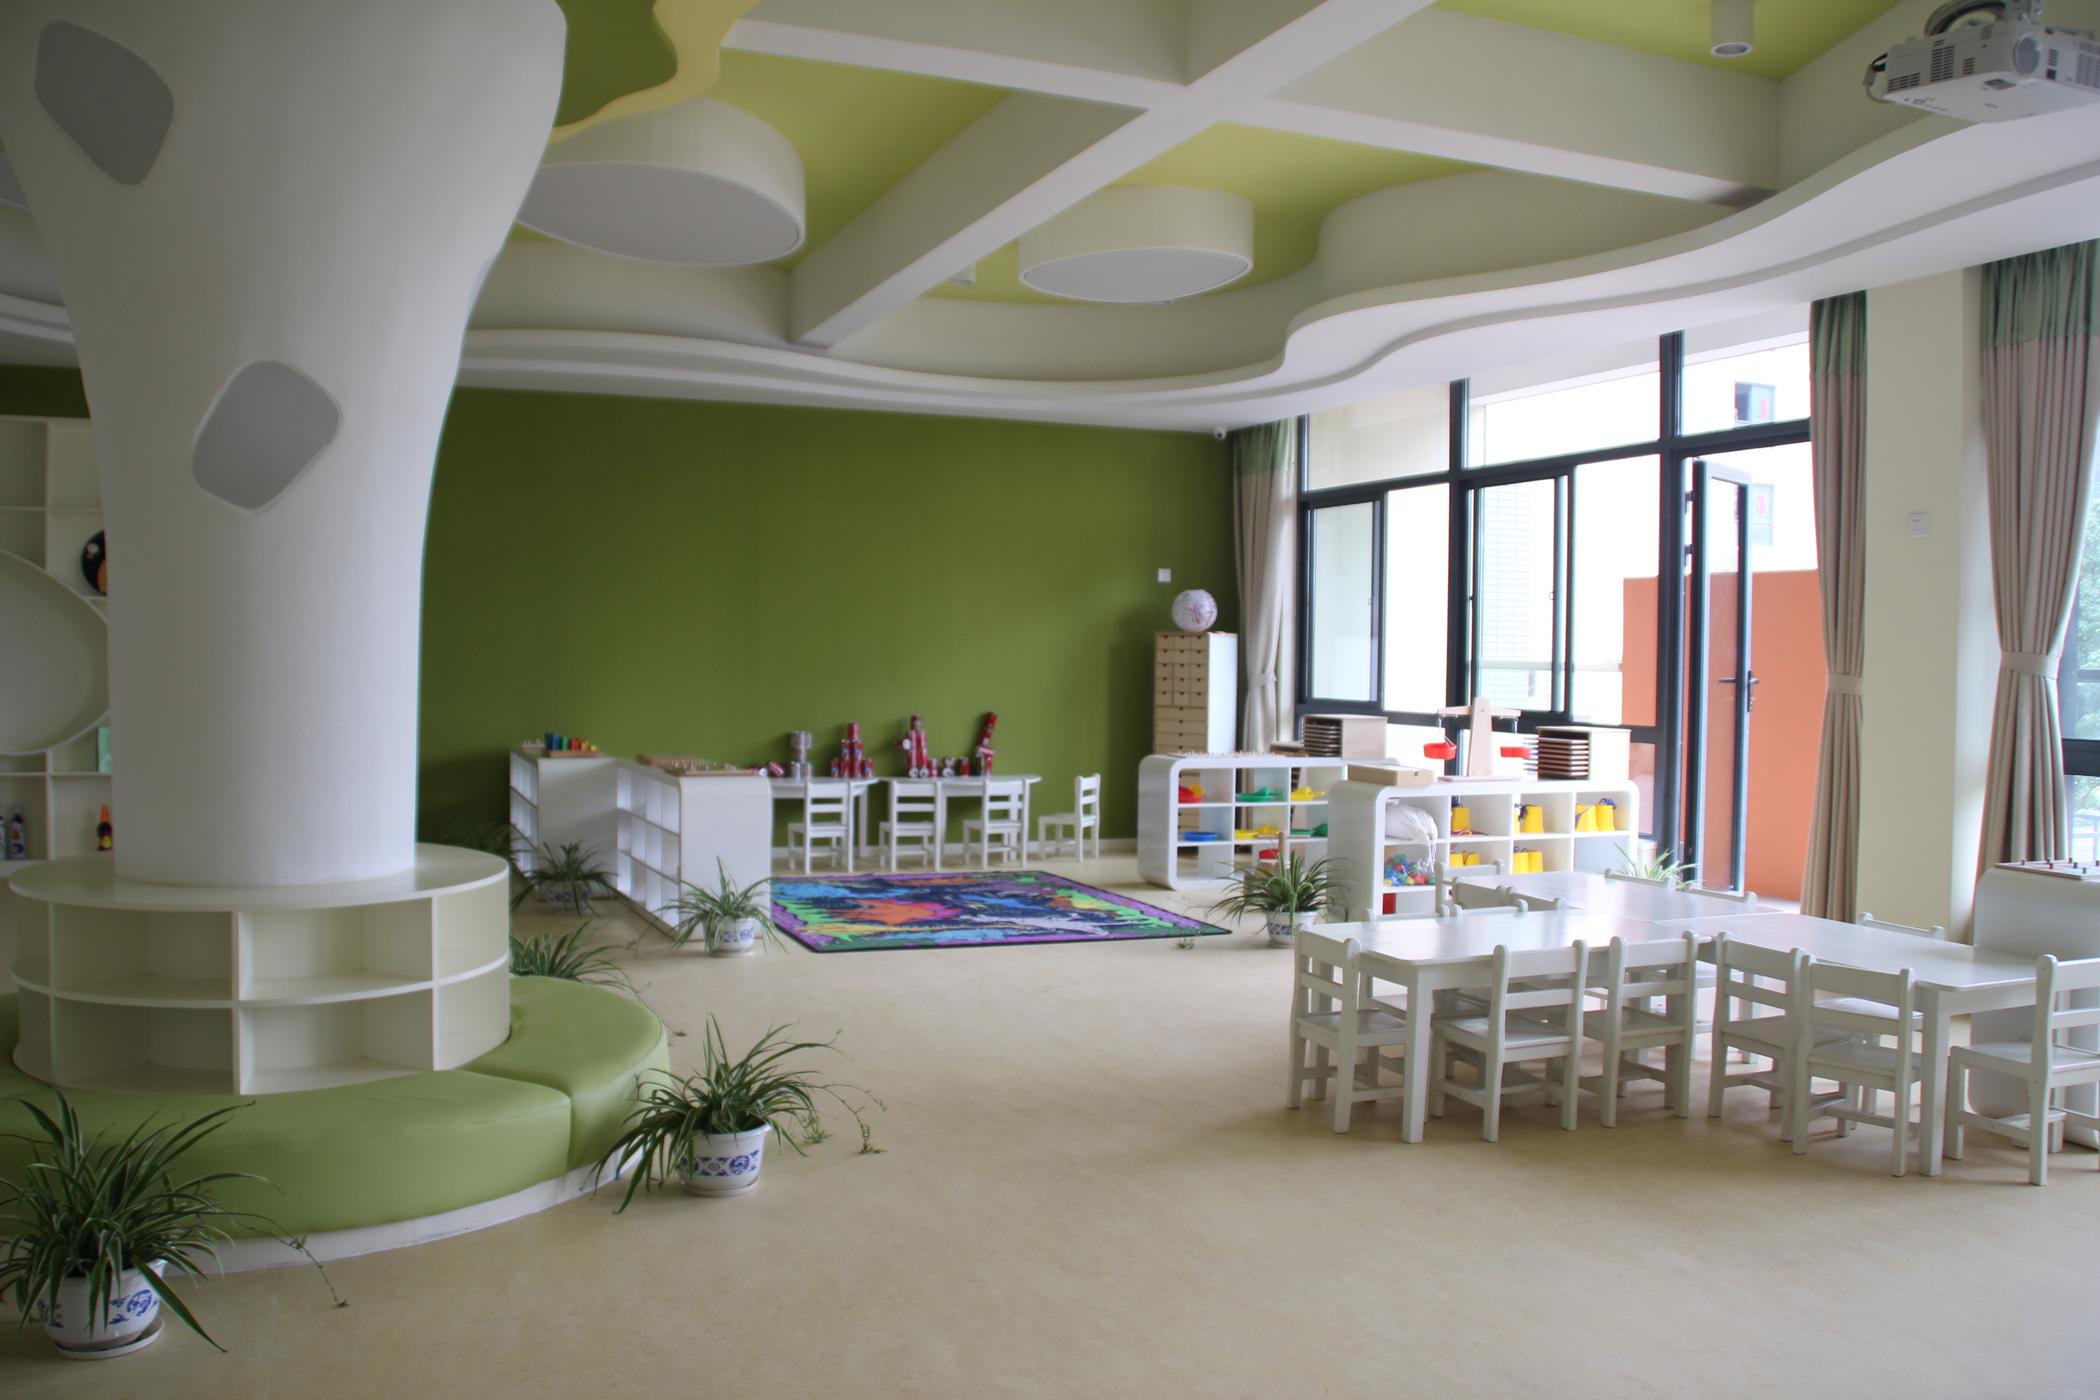 成都幼儿园教室设计图片-成都幼儿园设计公司图片